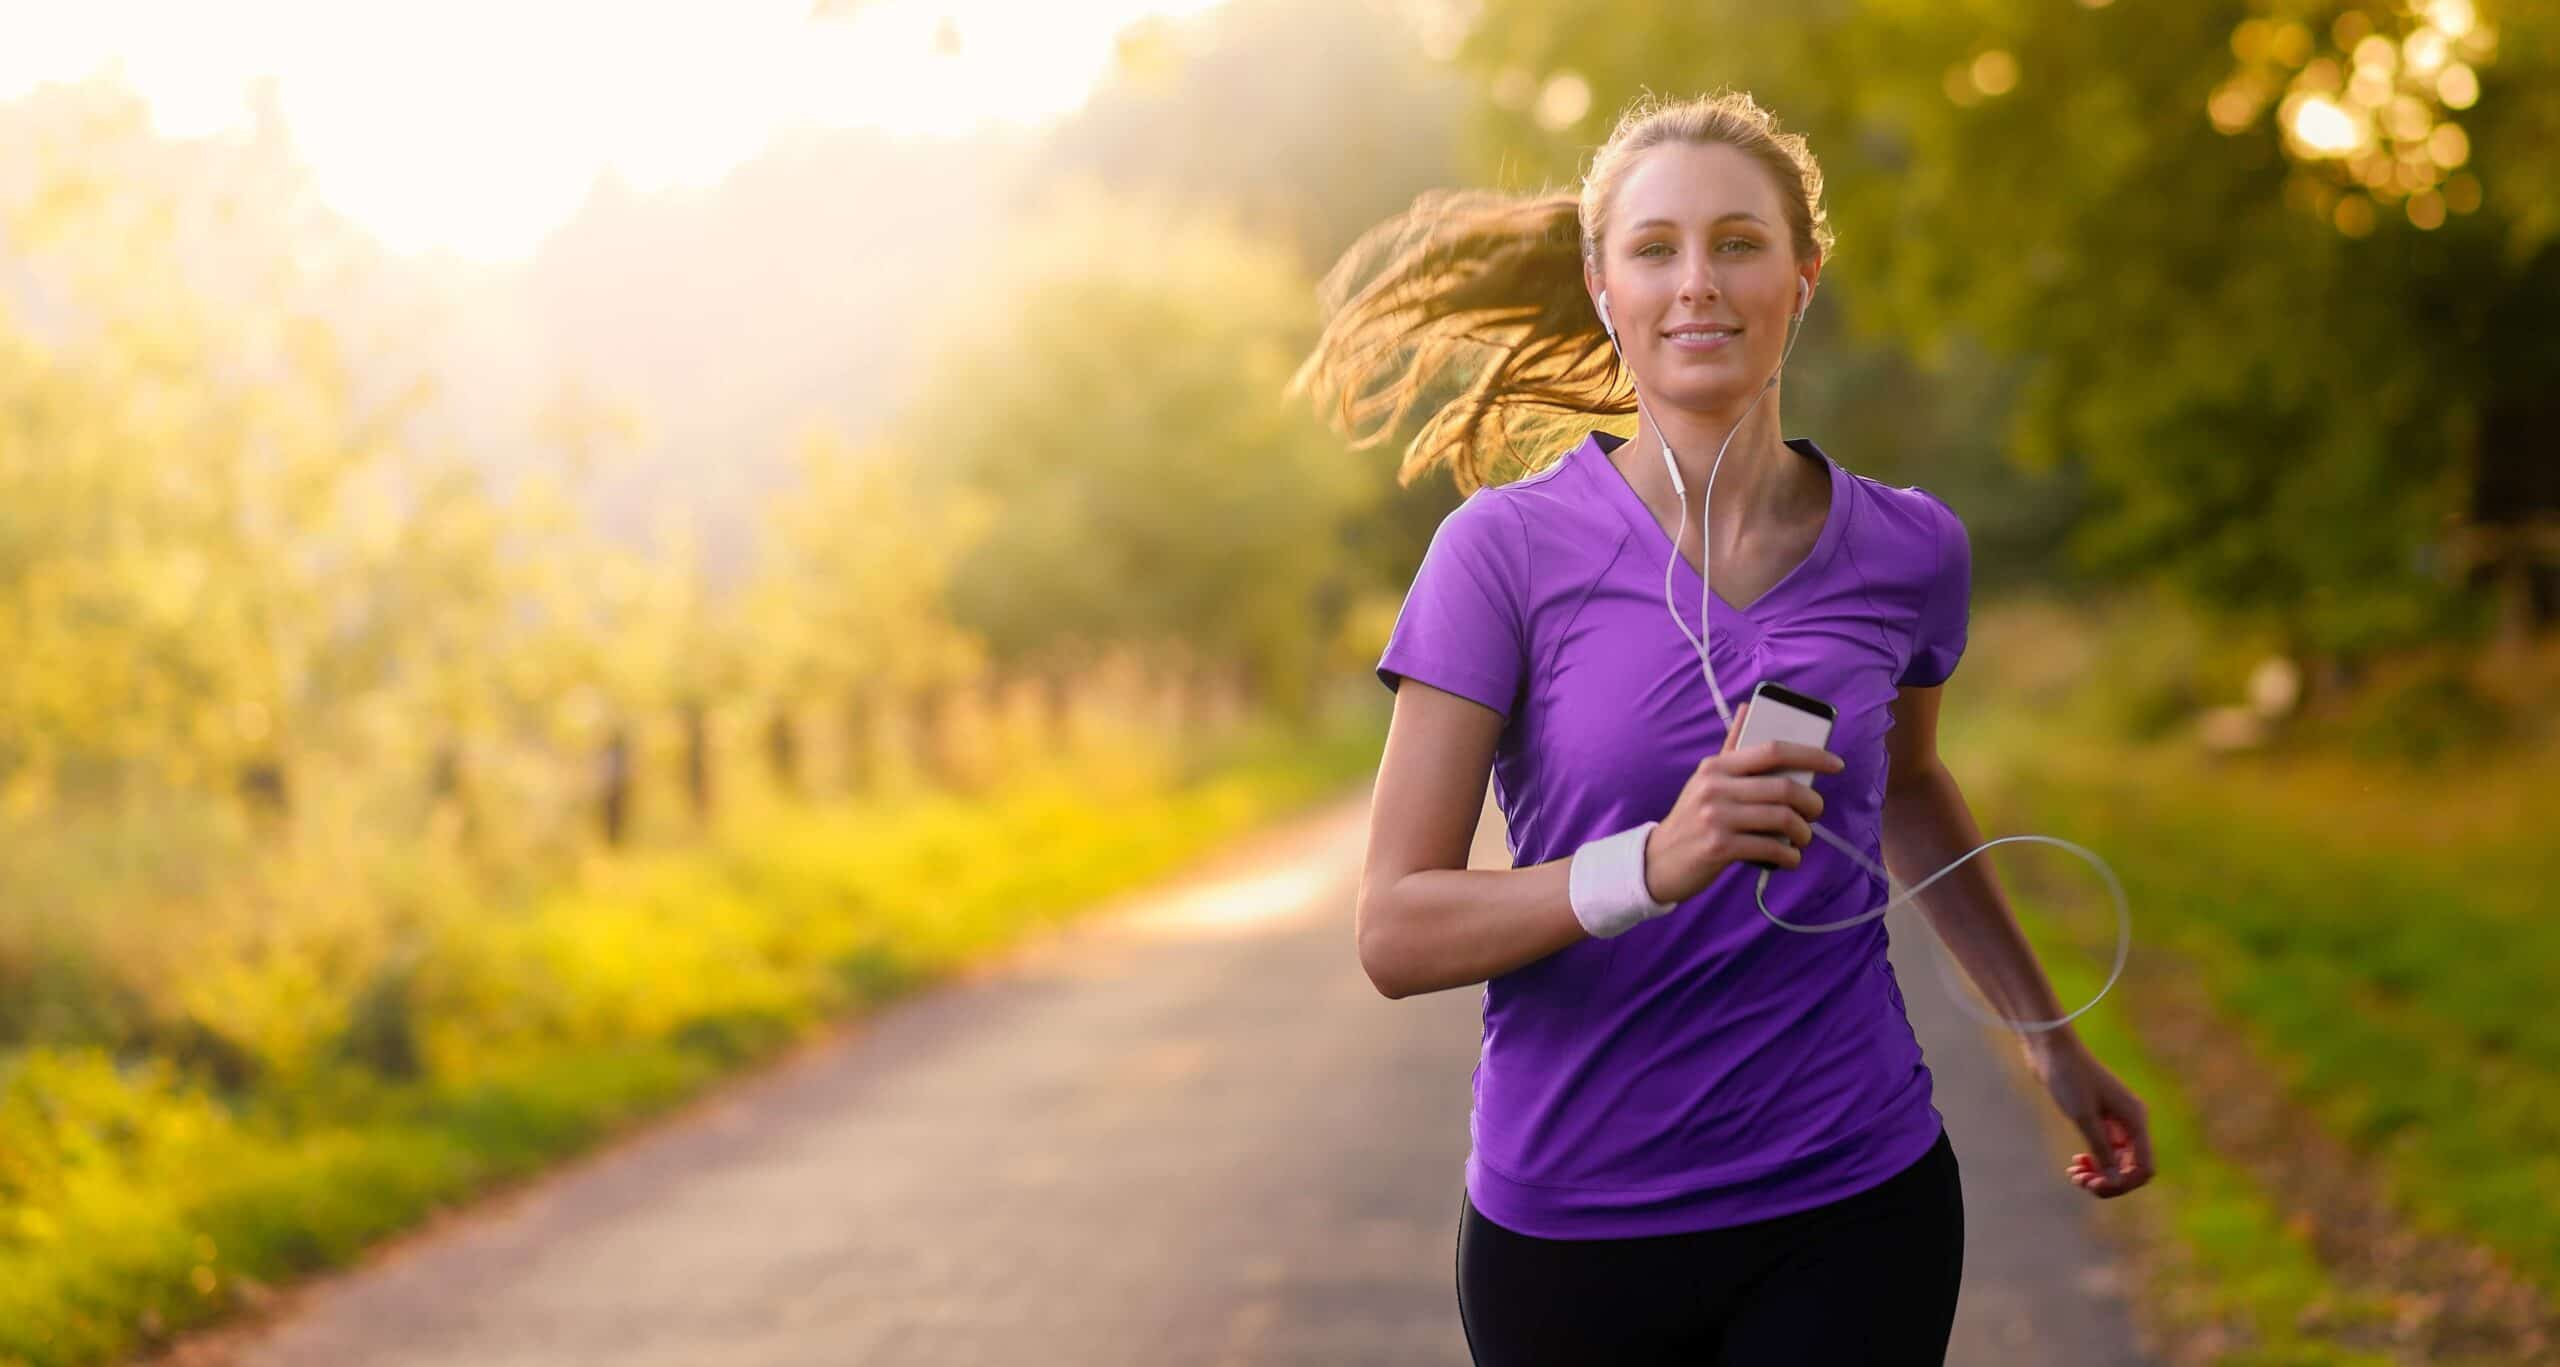 Correndo com saude e alegria